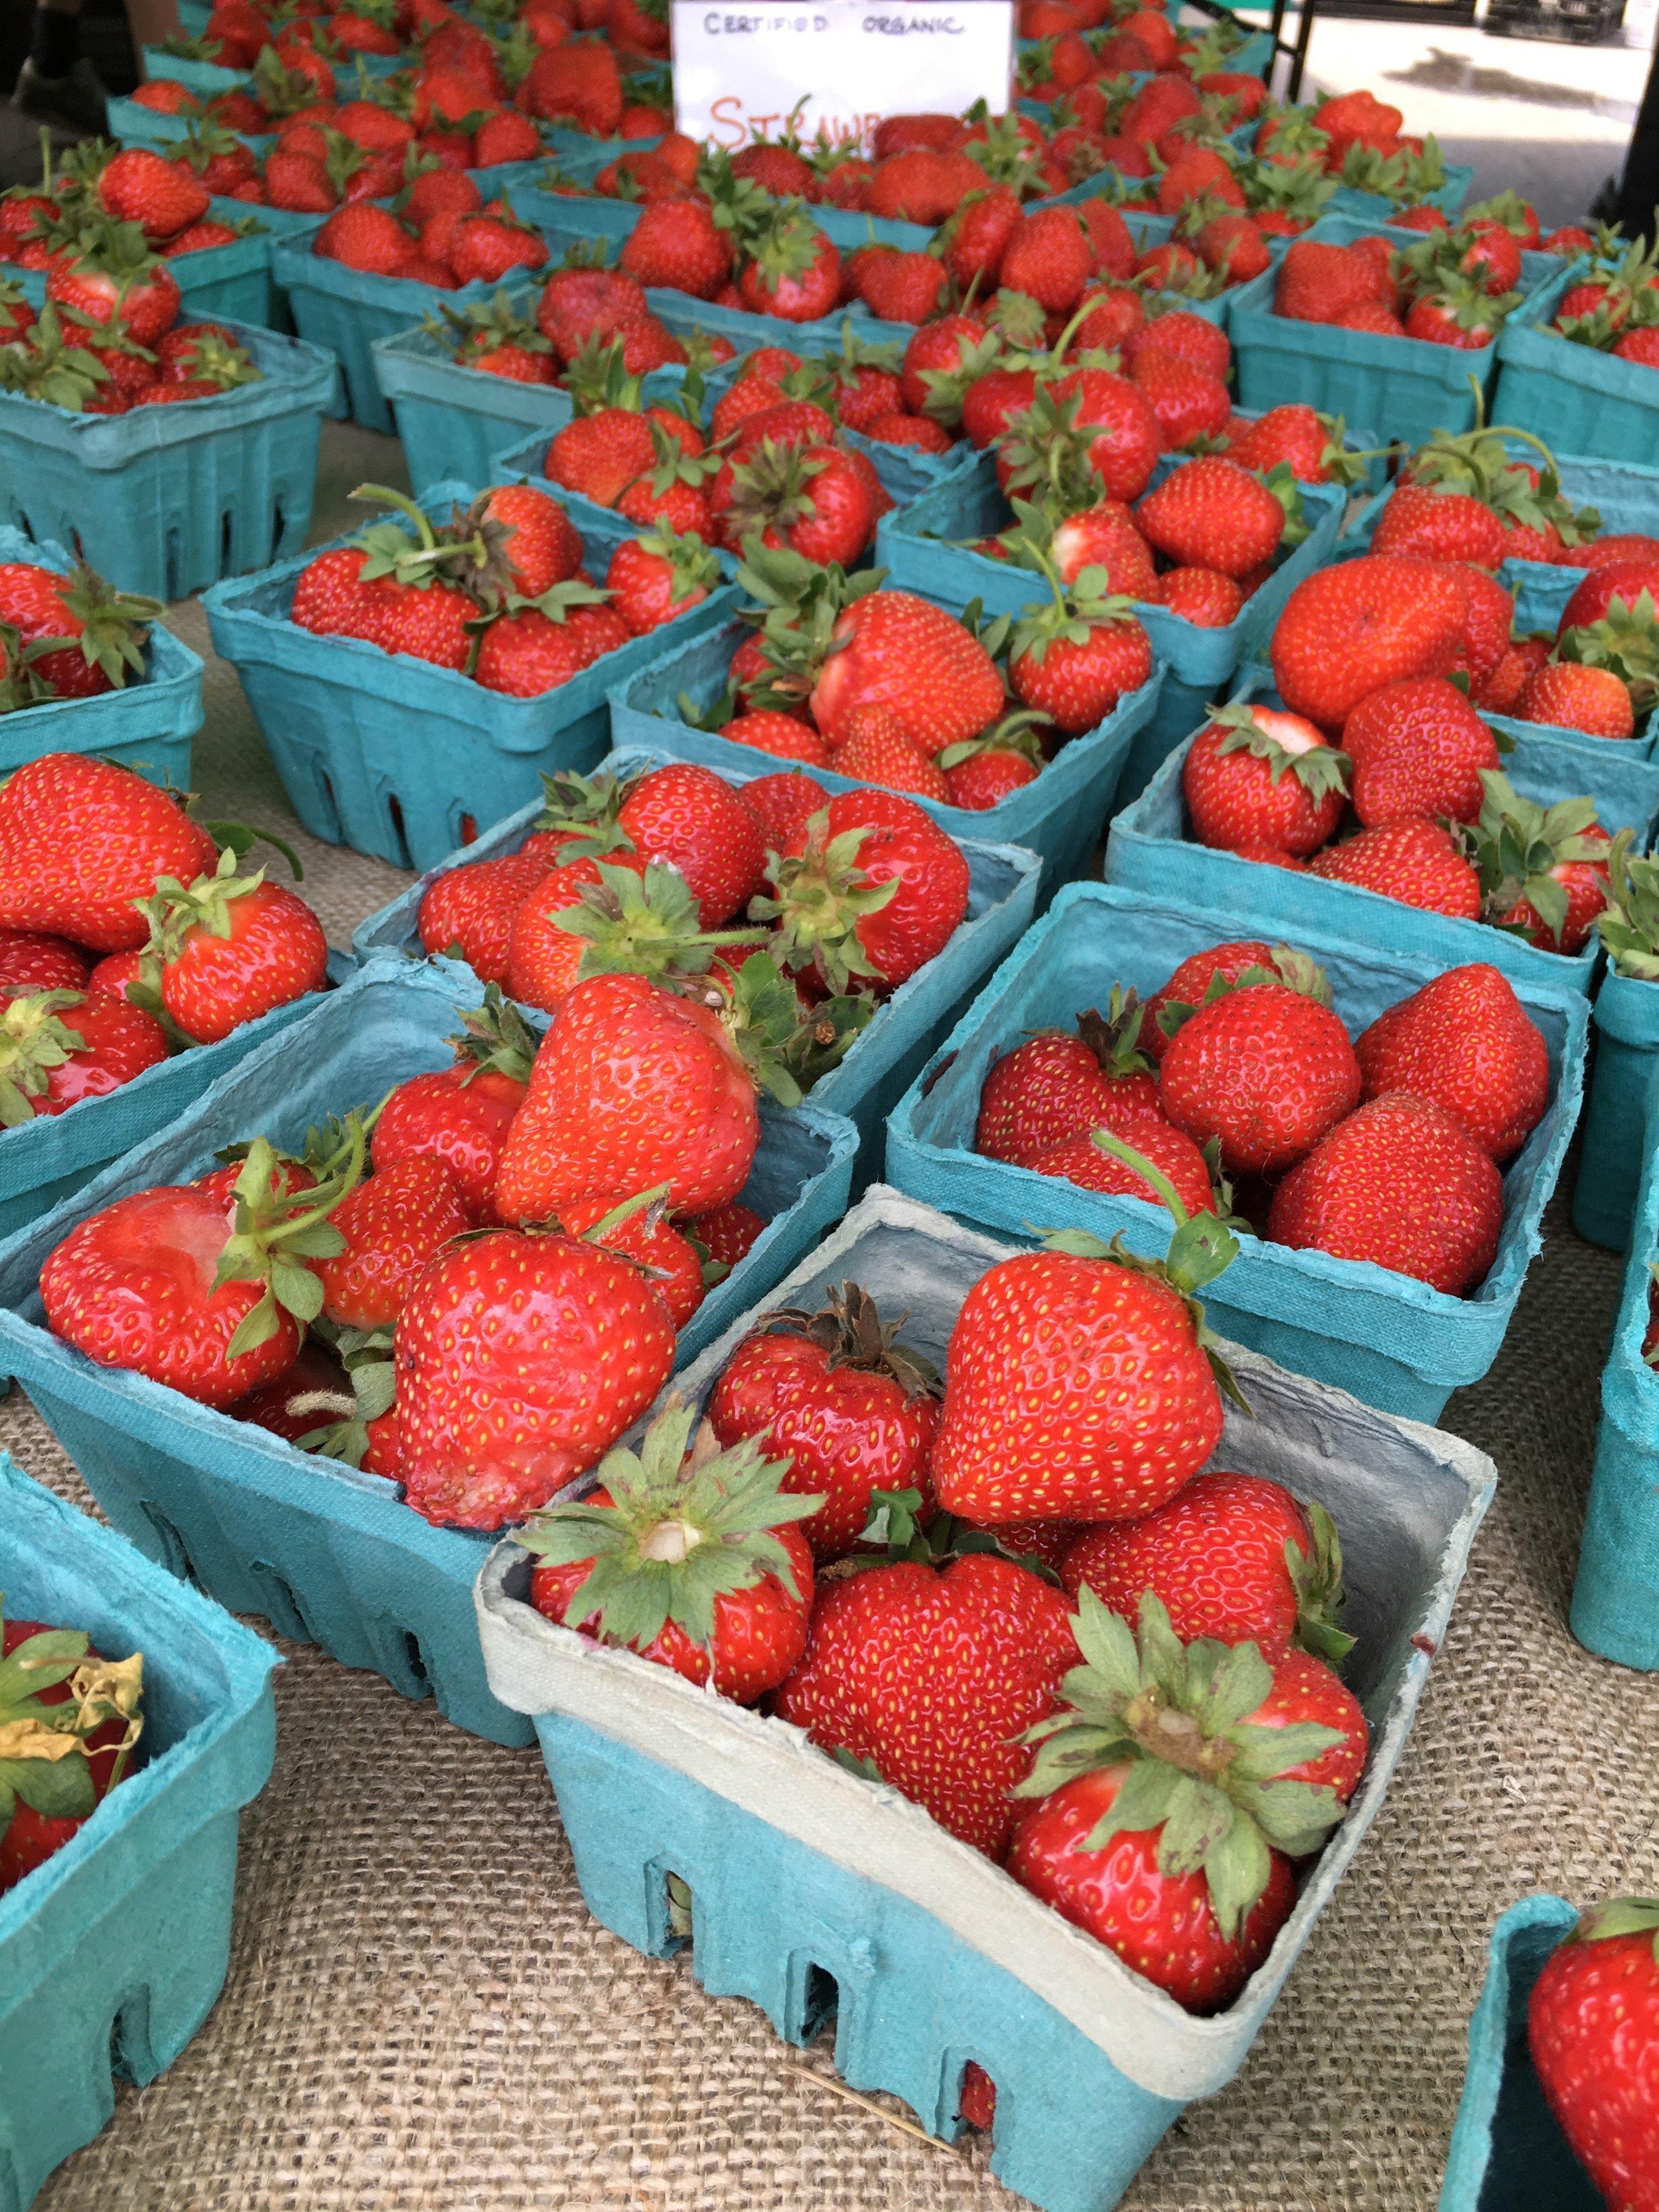 Westport Farmers Market Strawberries (Carlyn).jpg